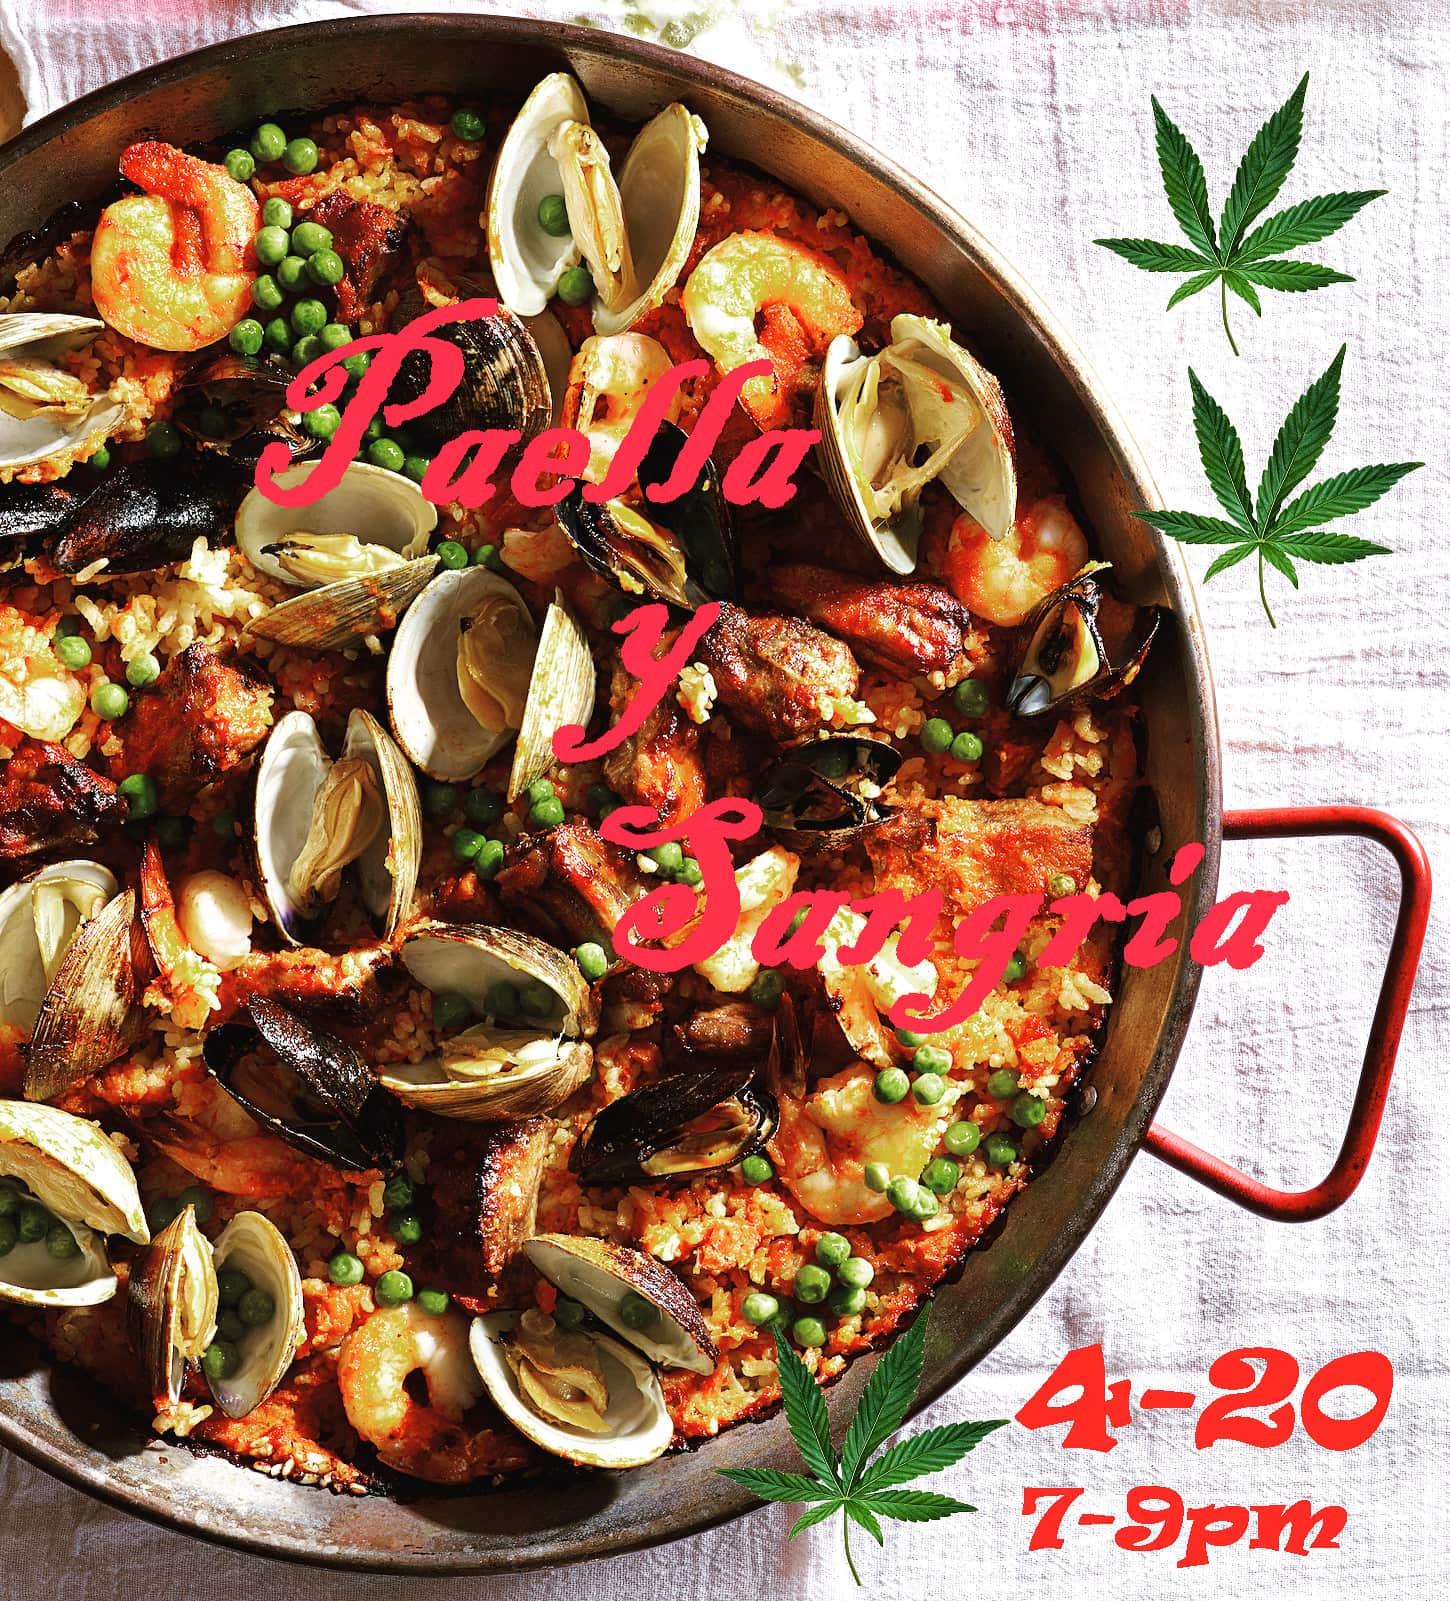 4-20 Paella y Sangria